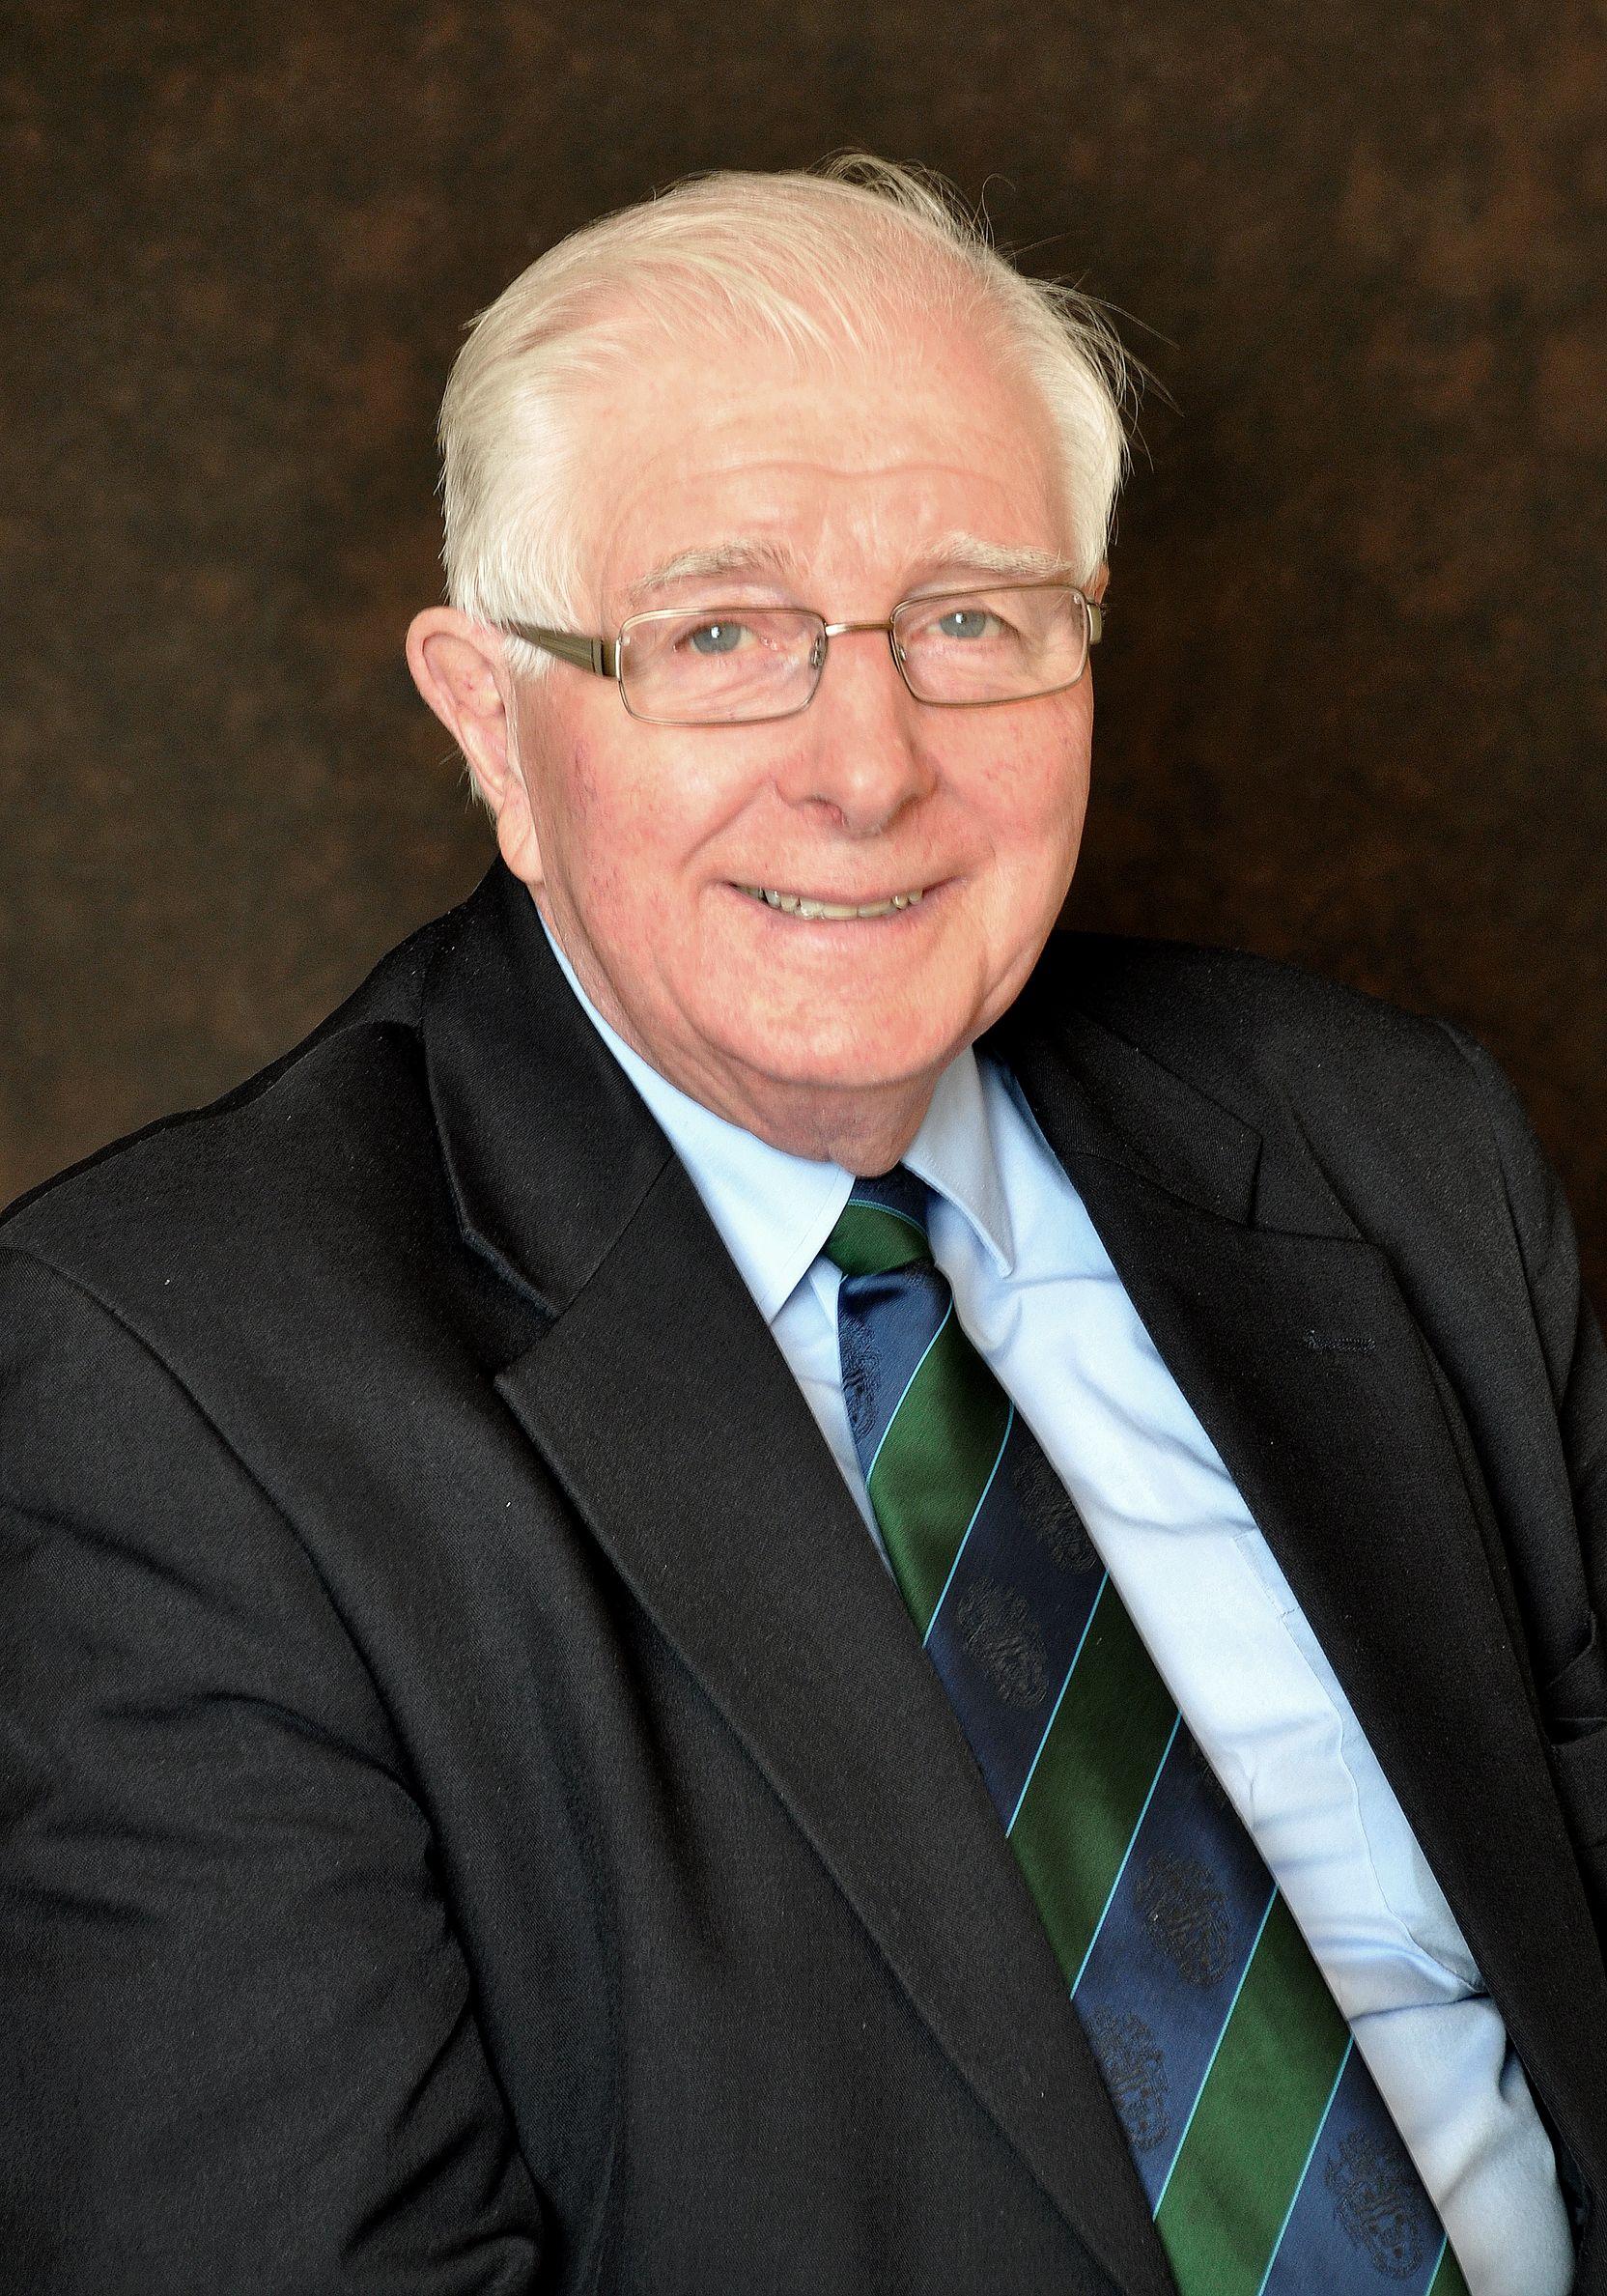 Alan Kerr